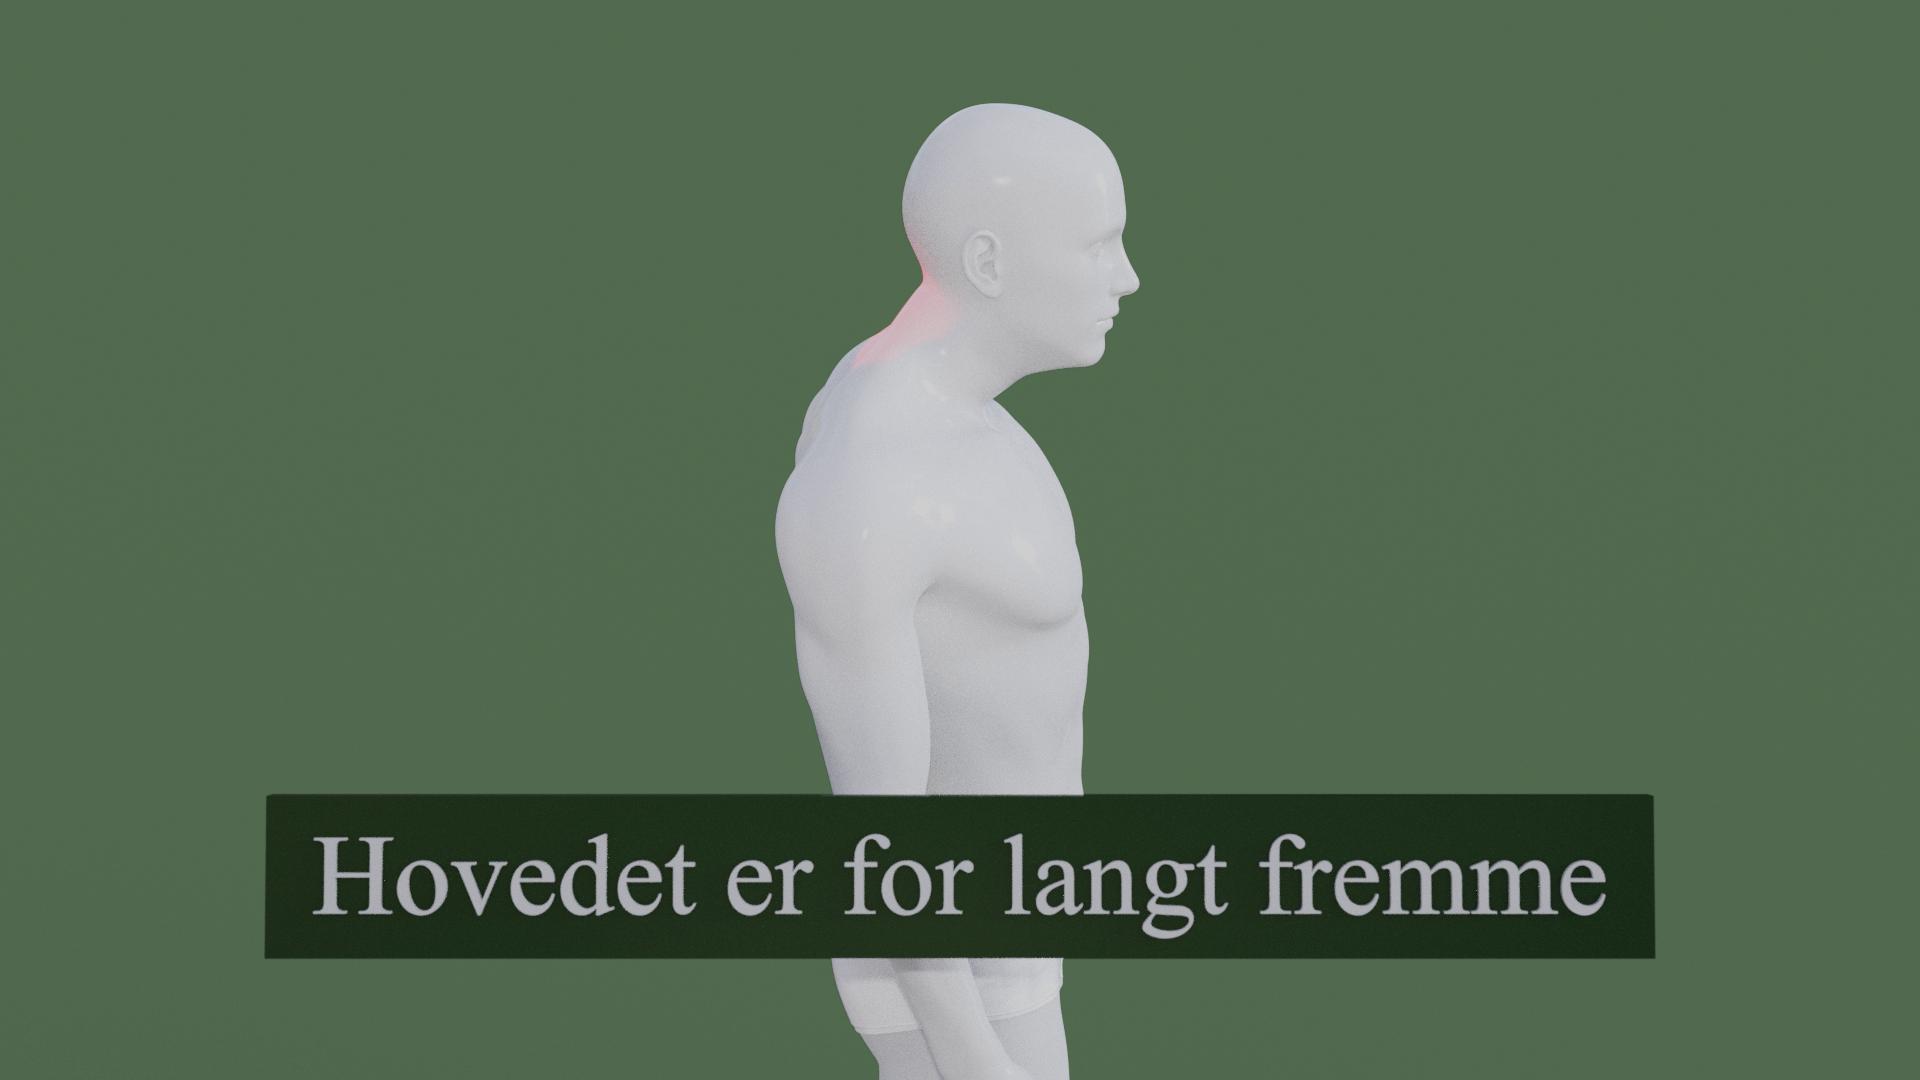 Billedet viser en 3D figur, hovedet sidder for langt fremme i forhold til kroppen. Den røde farve i nakken symboliserer smerter i nakken.